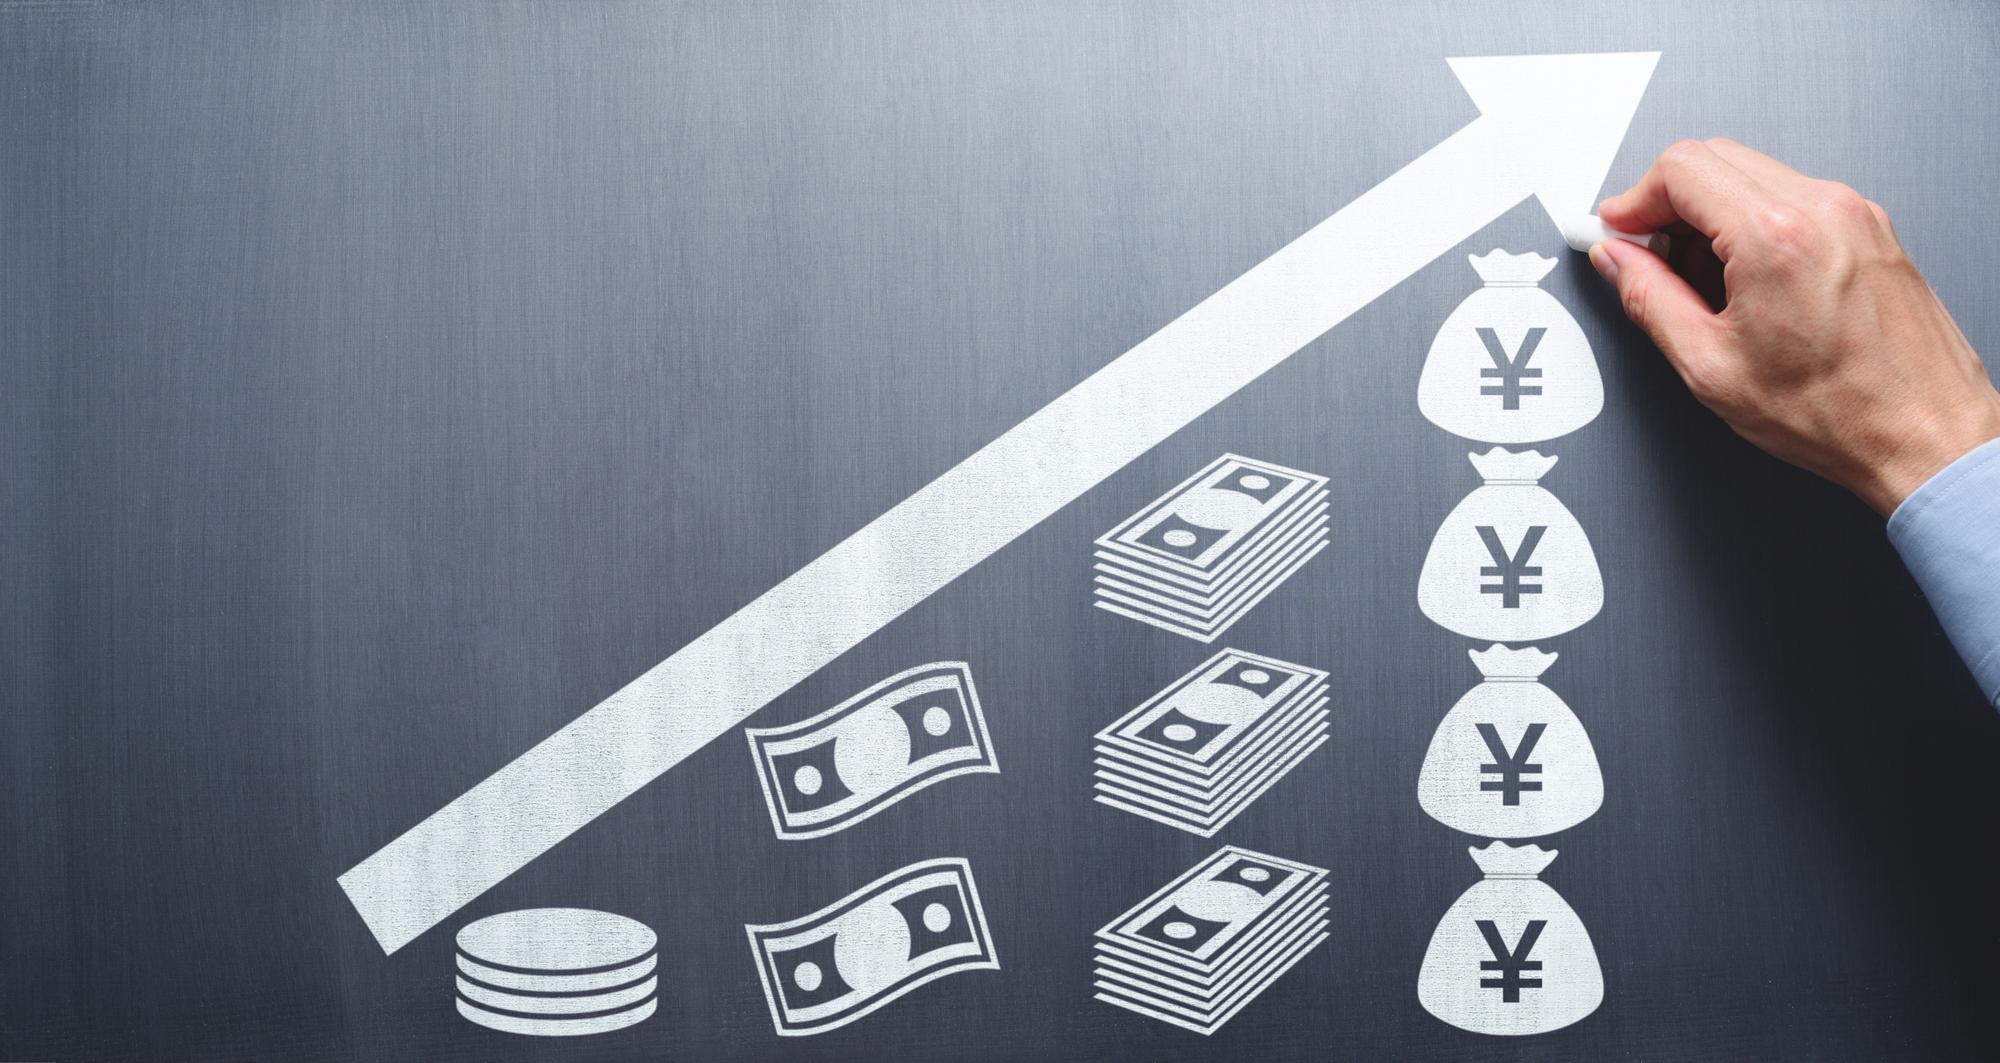 【未来投資シリーズ】なにから始める?投資の選択肢